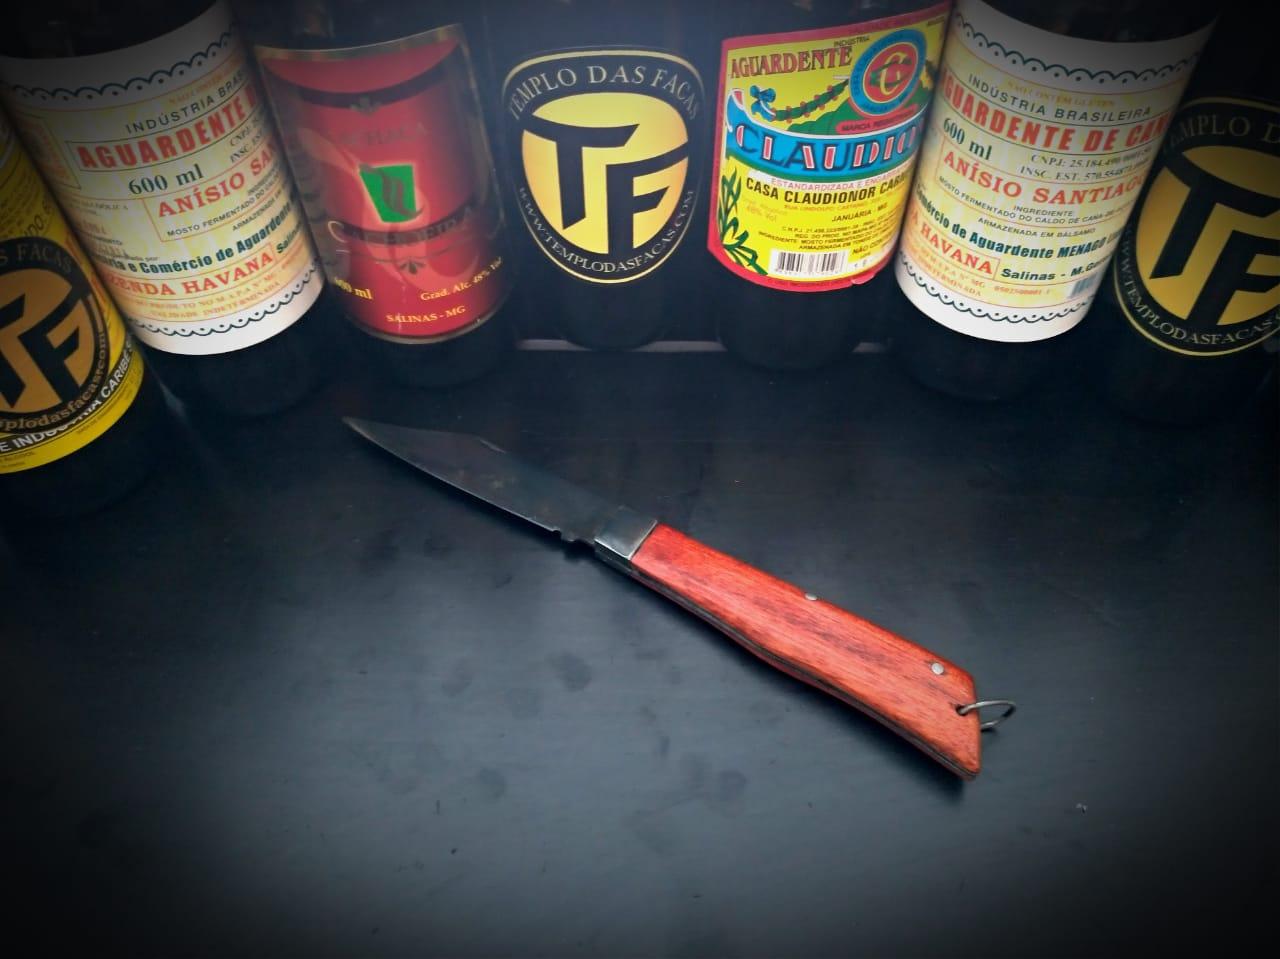 Canivete artesanal em aço carbono e cabo Pau Conduru de Sangue